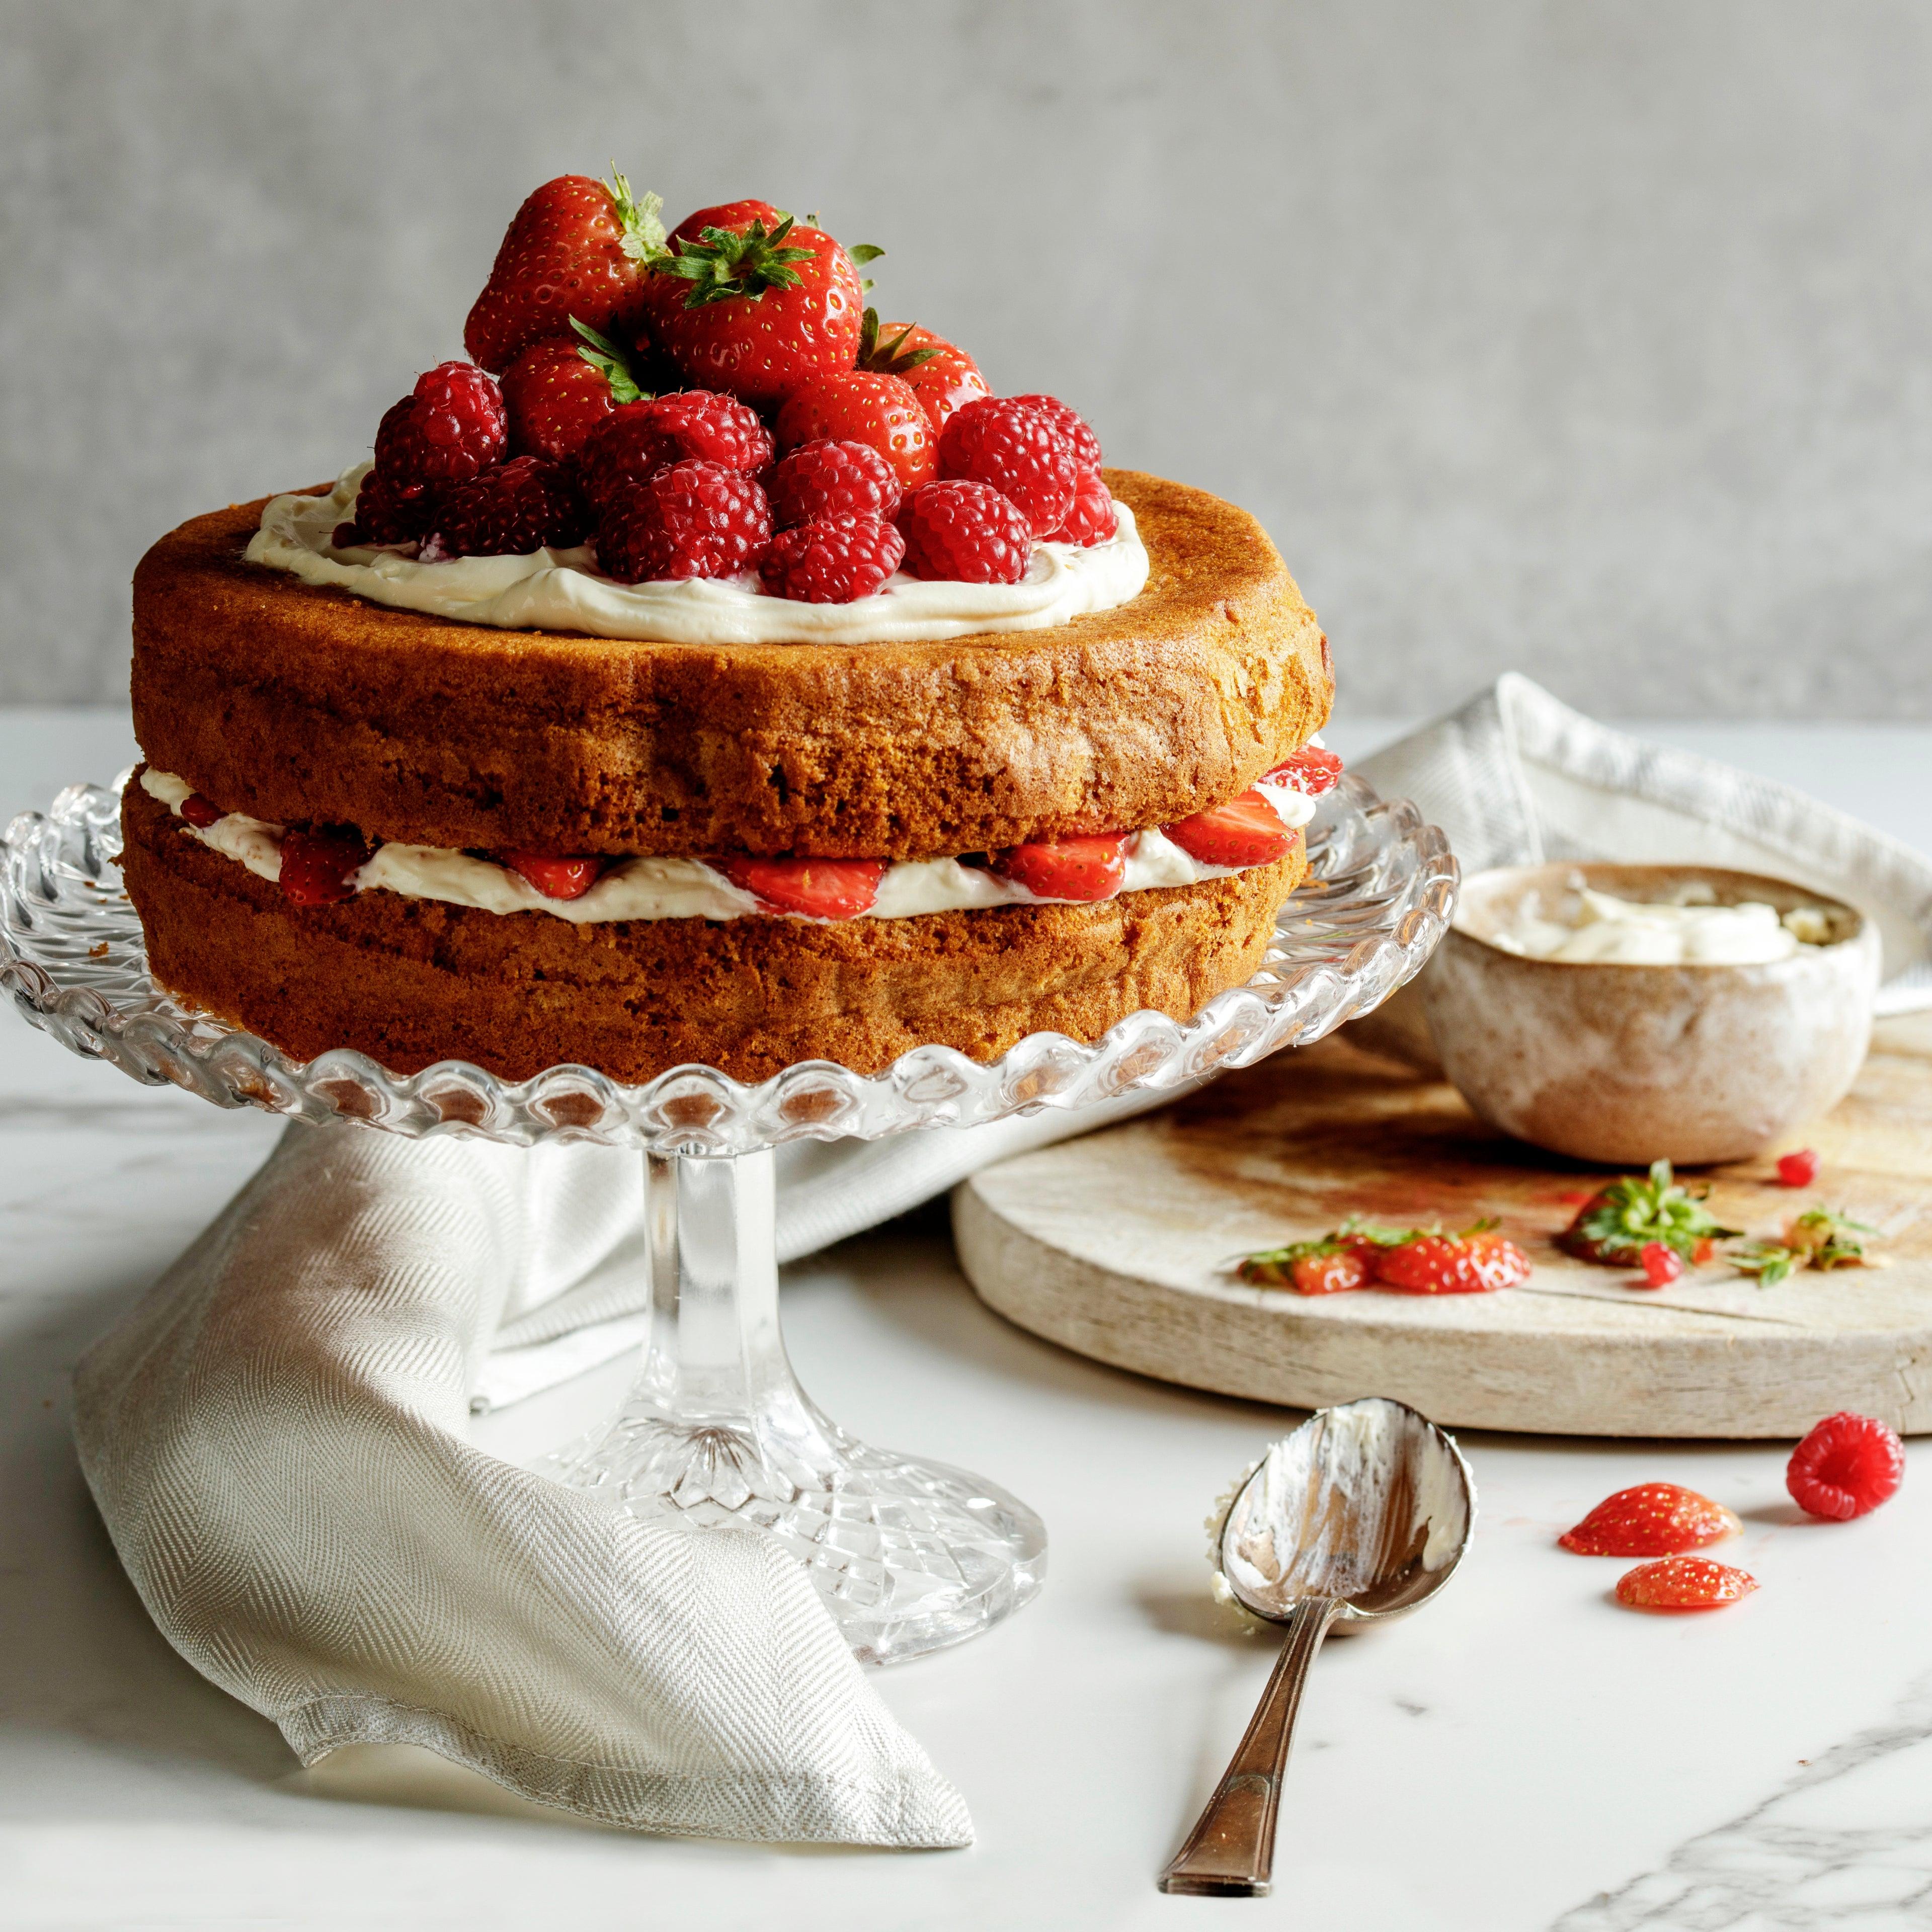 Billington-s-Honey-Stem-Ginger-Cake-Showstopper-(1).jpg